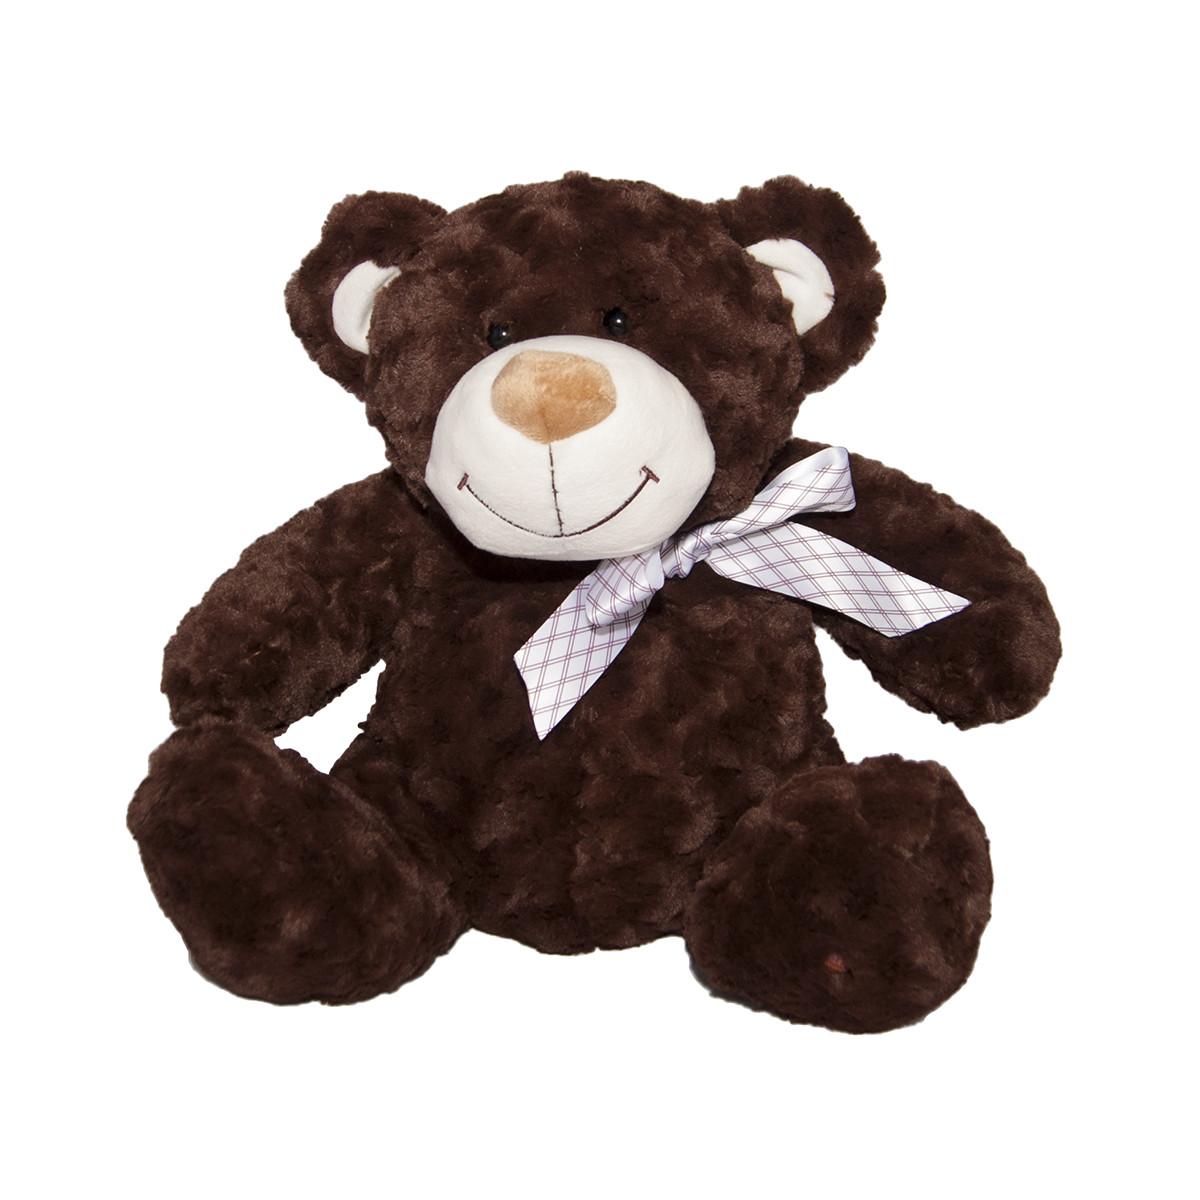 Мягкая игрушка Медведь коричневый 40см, 4001GMU